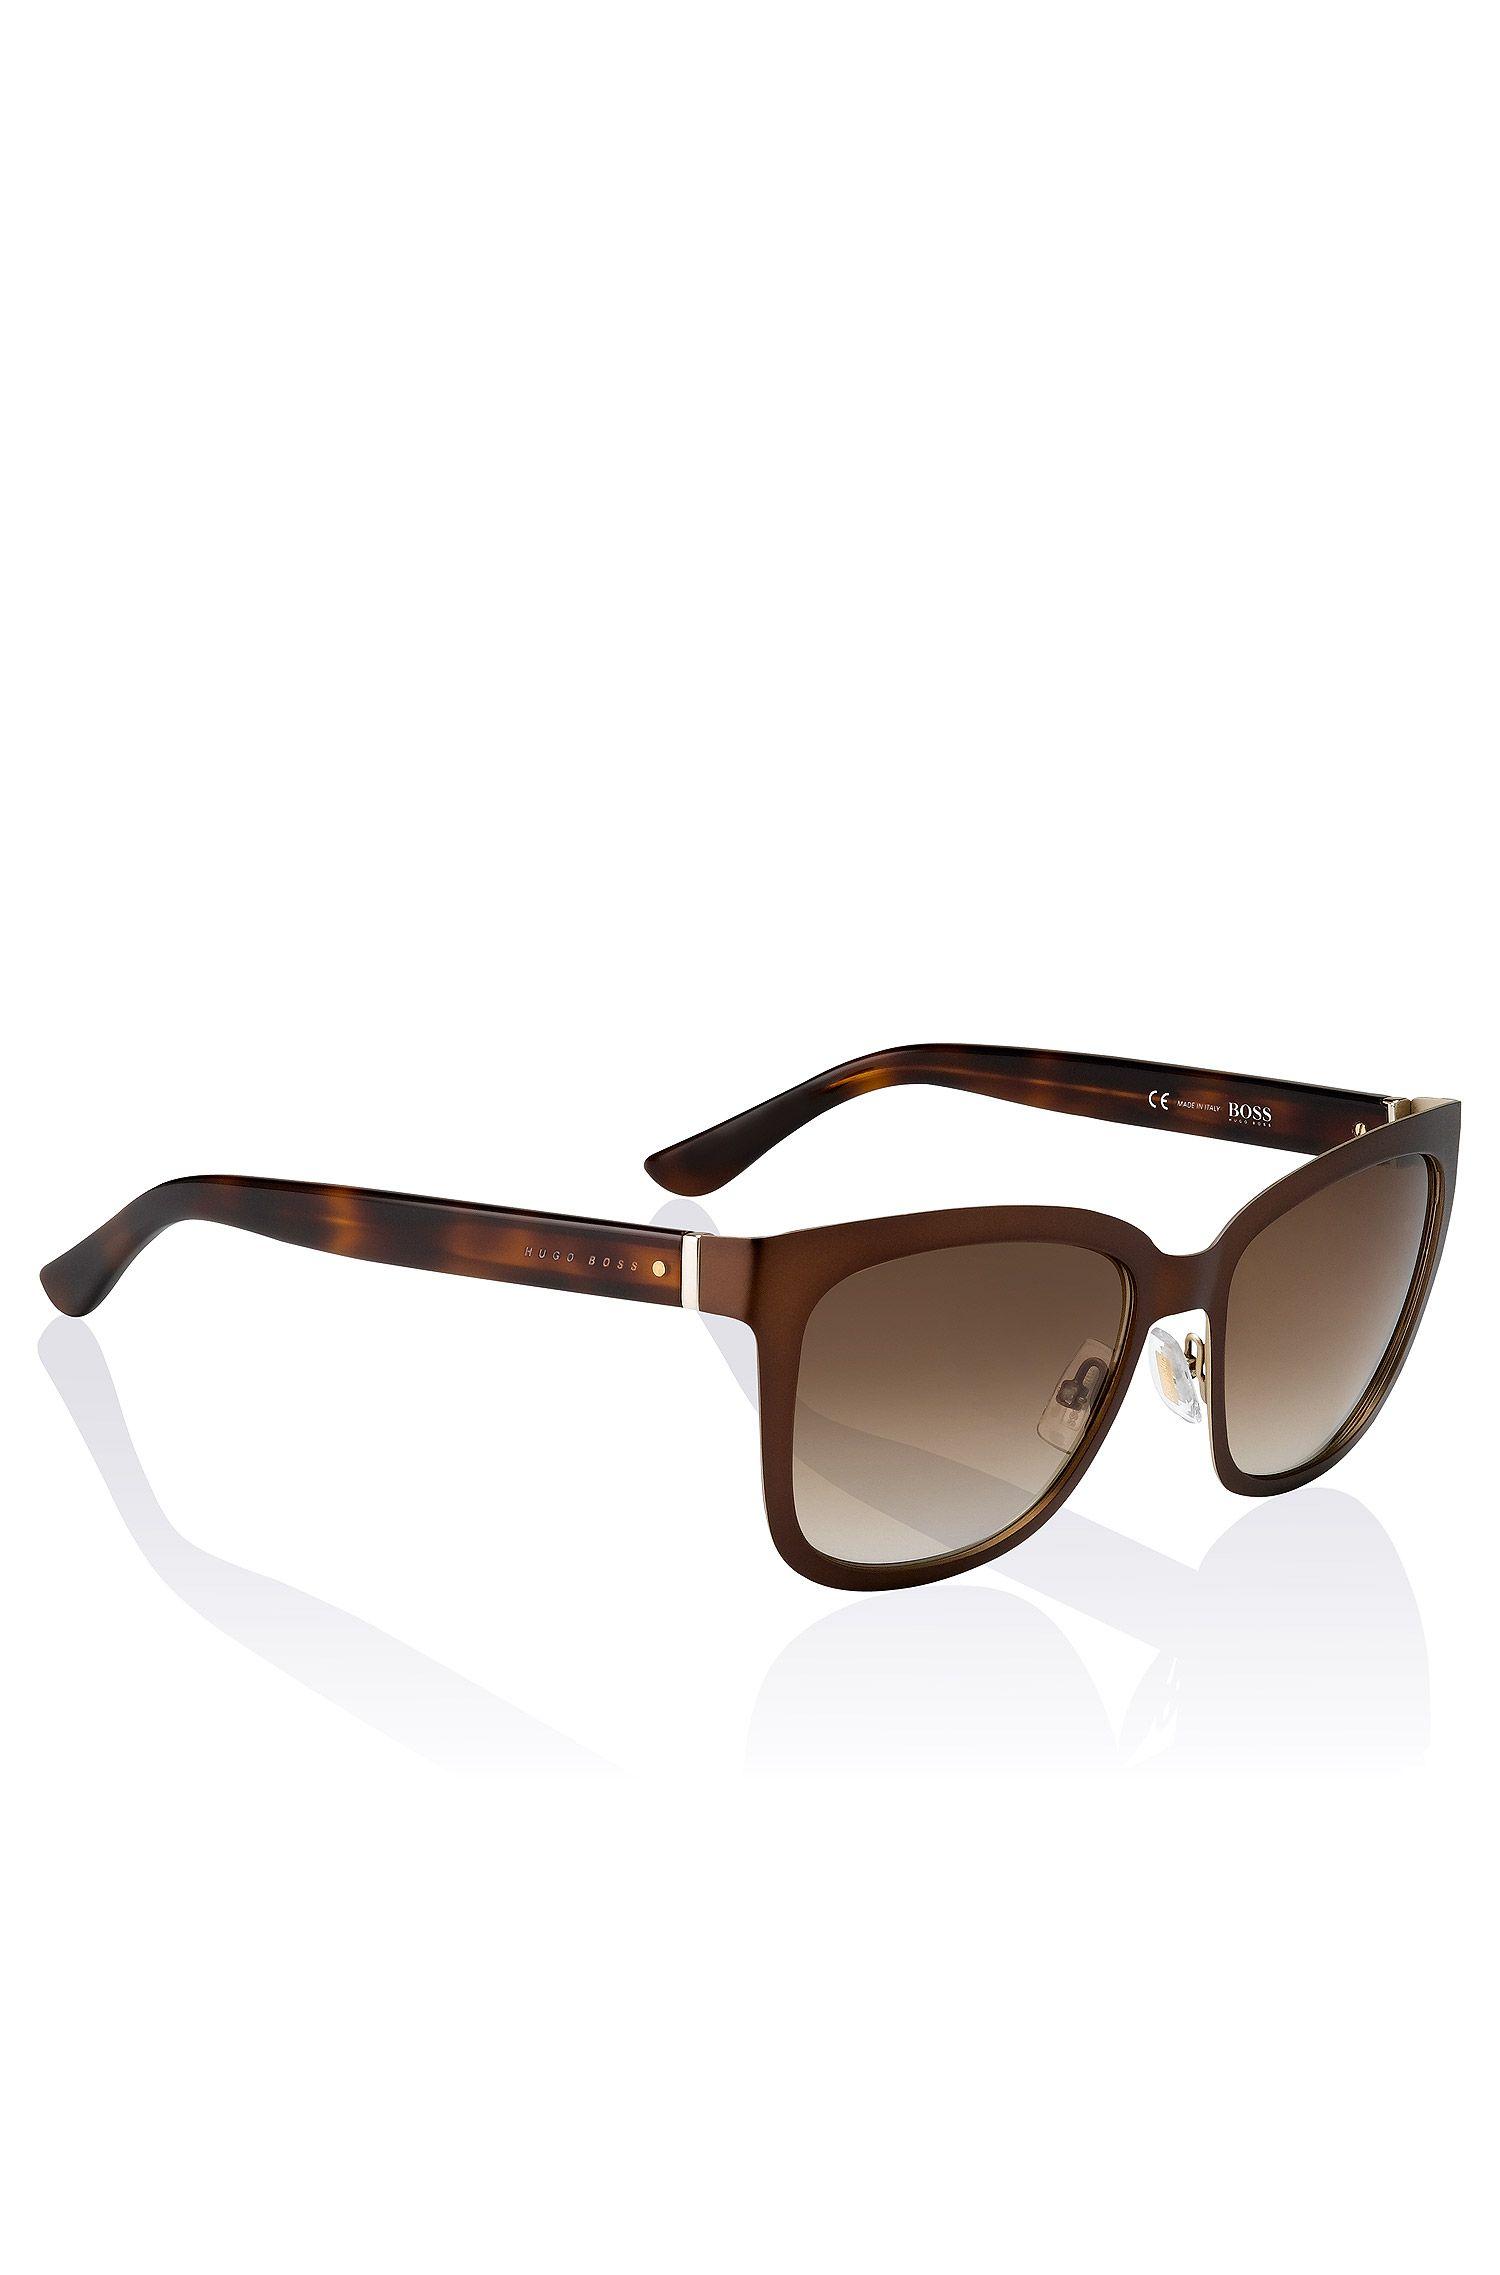 Gafas de sol 'BOSS 0676' en acetato y metal